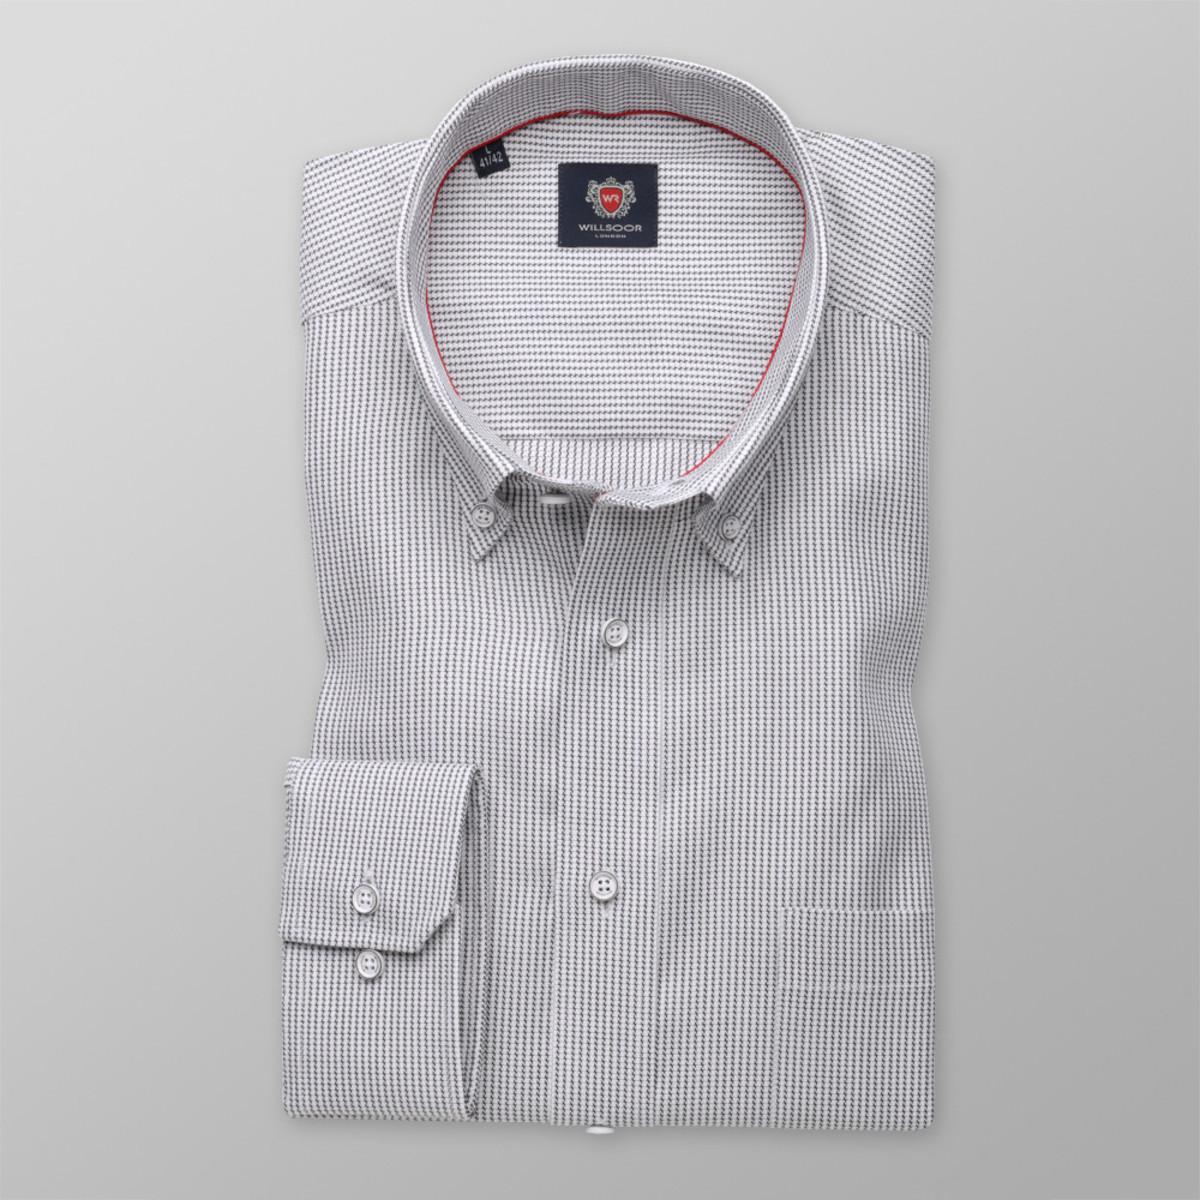 Košile London (výška 176-182) 9238 176-182 / L (41/42)